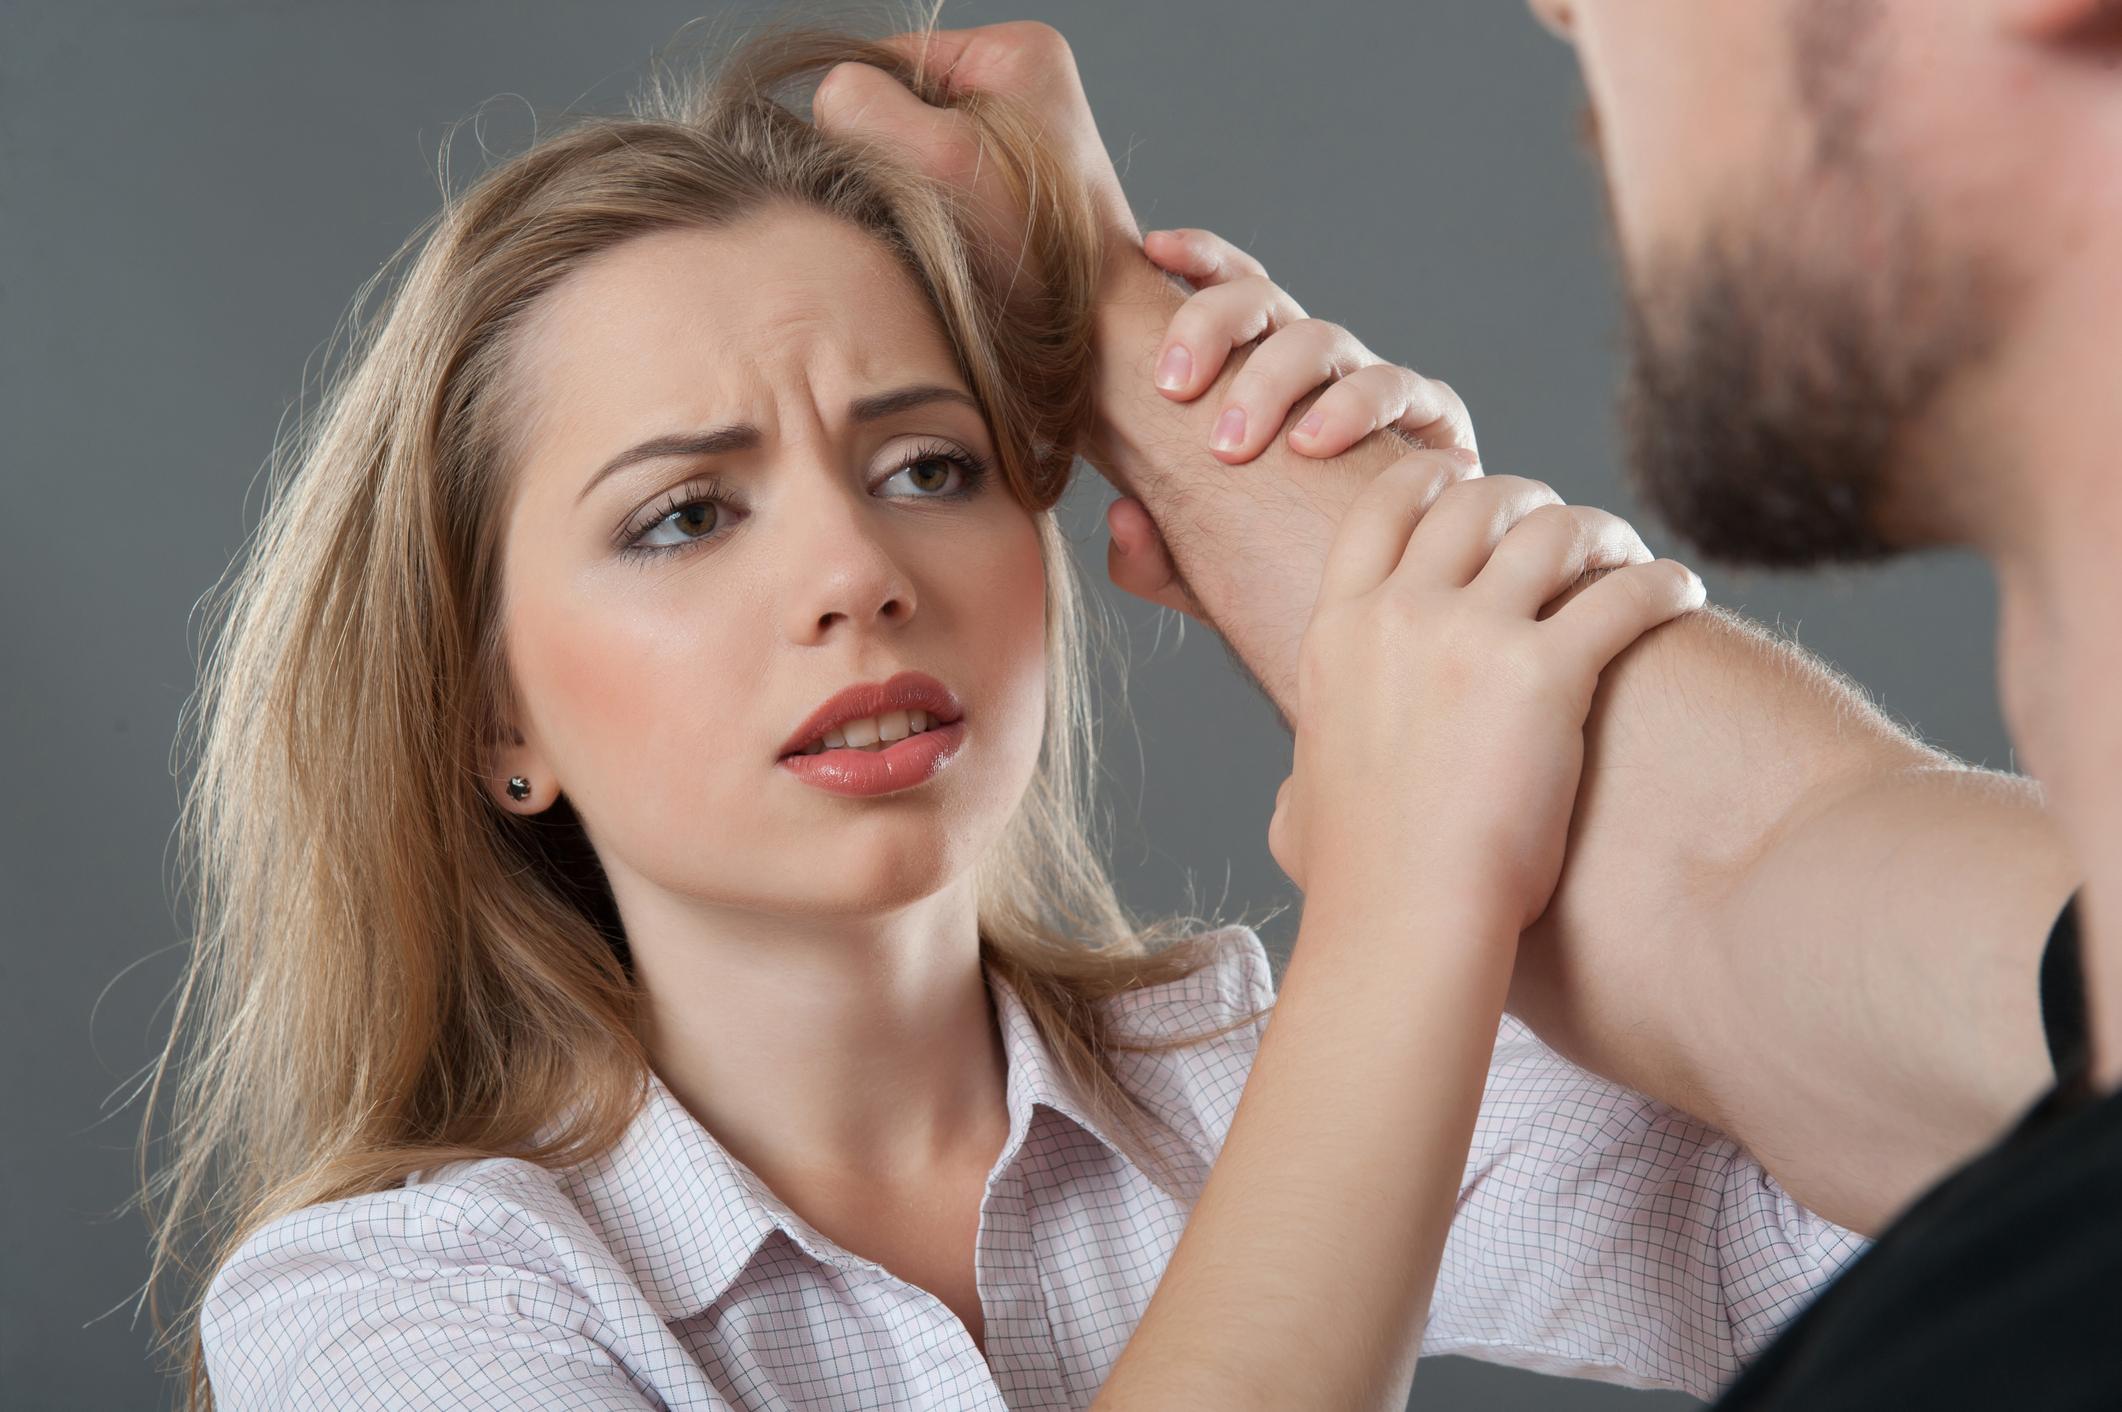 Výsledek obrázku pro násilí na ženách